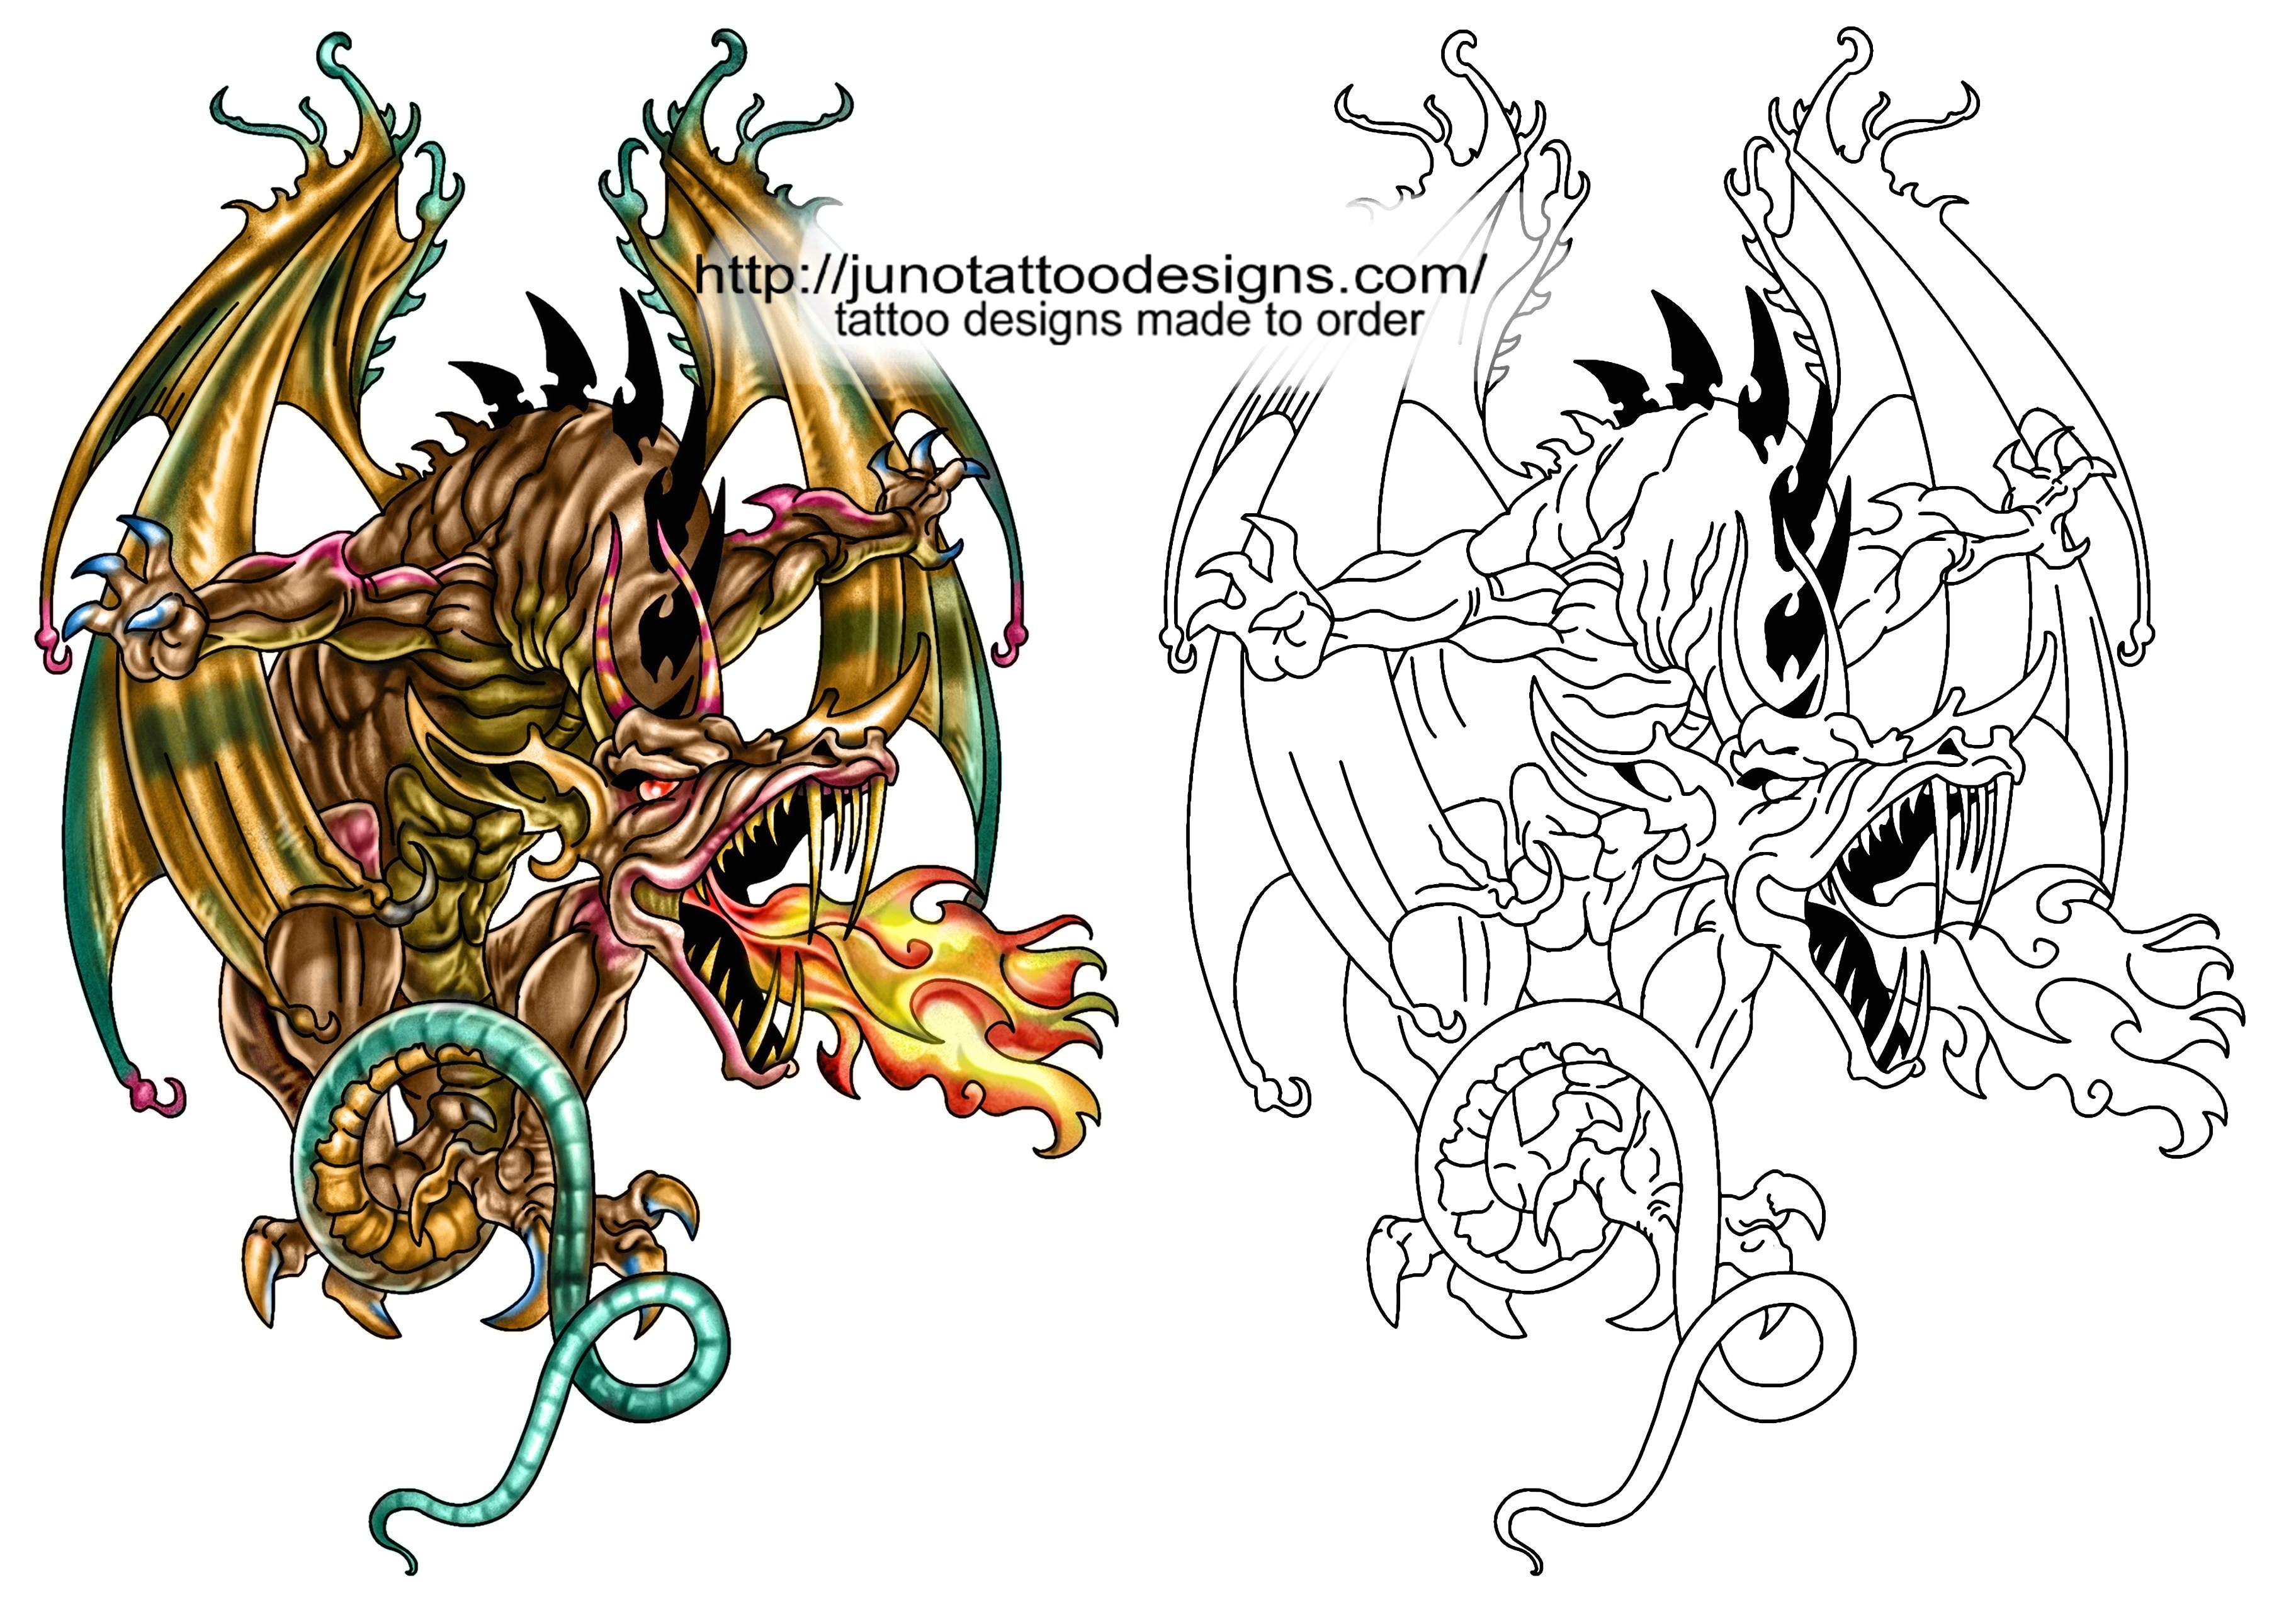 tattoo designs free